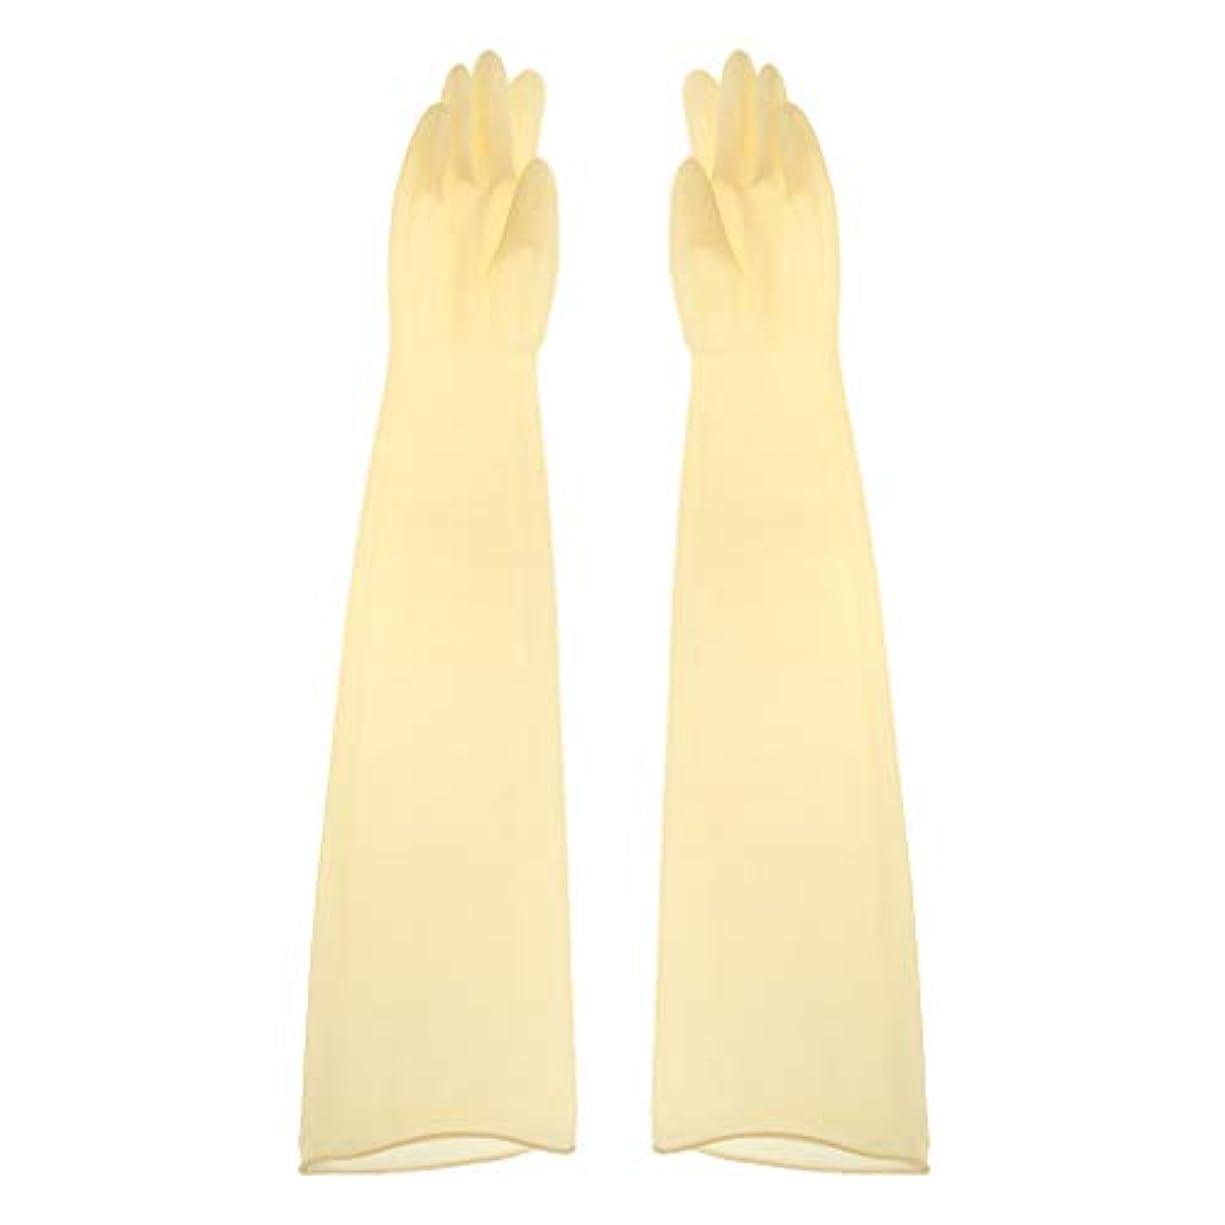 レスリング馬鹿慣性ゴム手袋 ロング 70cm 耐薬品性 酸?アルカリに強い手袋 ラテックス手袋 1ペア - 700x160x0.8mm